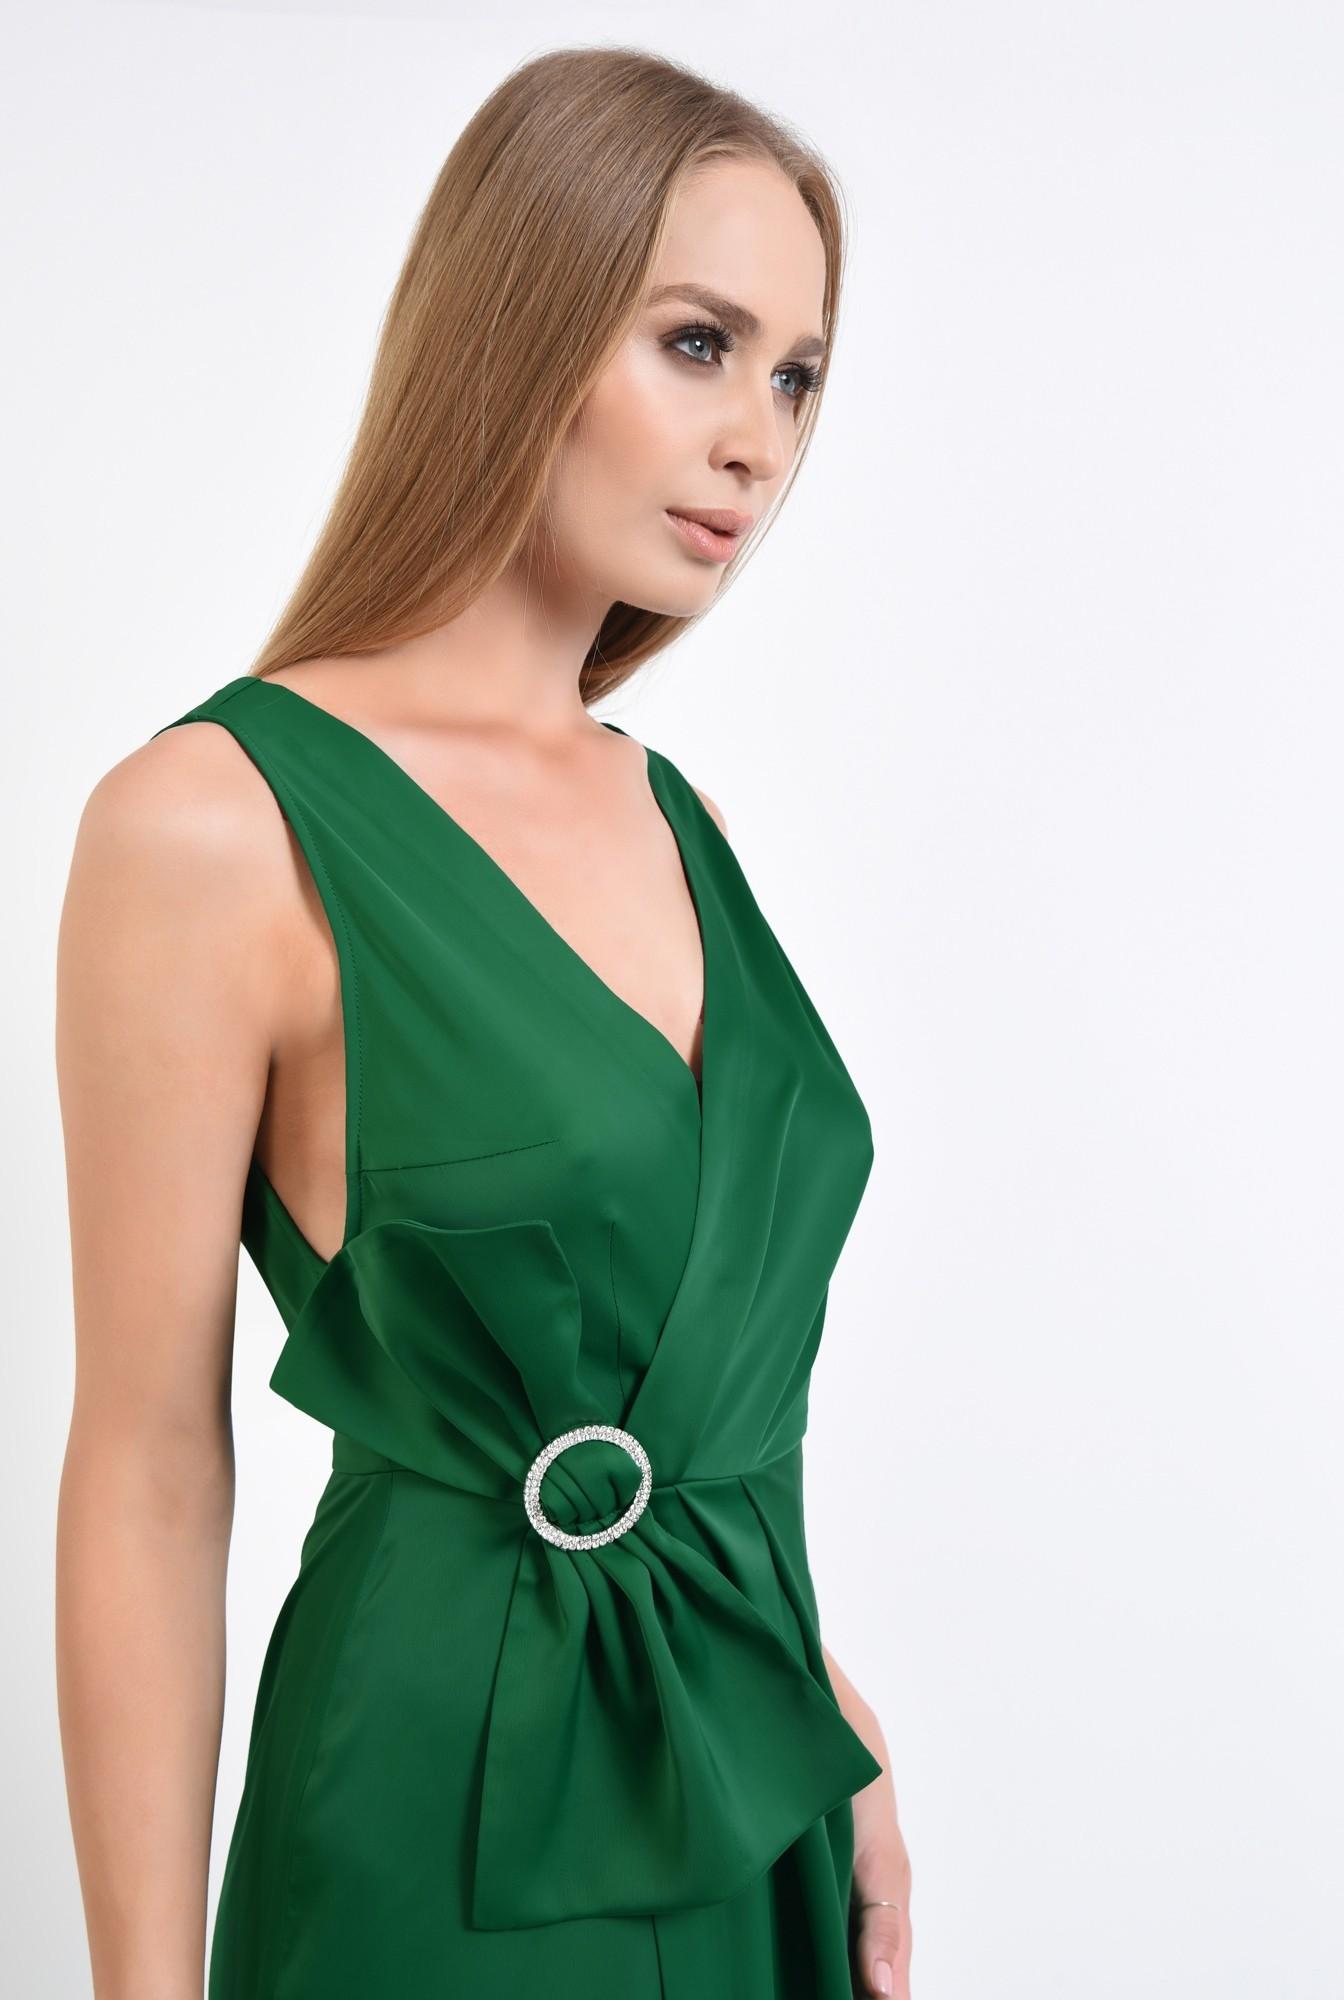 2 - rochie de ocazie, verde, satin, parte peste parte, funda supradimensionata